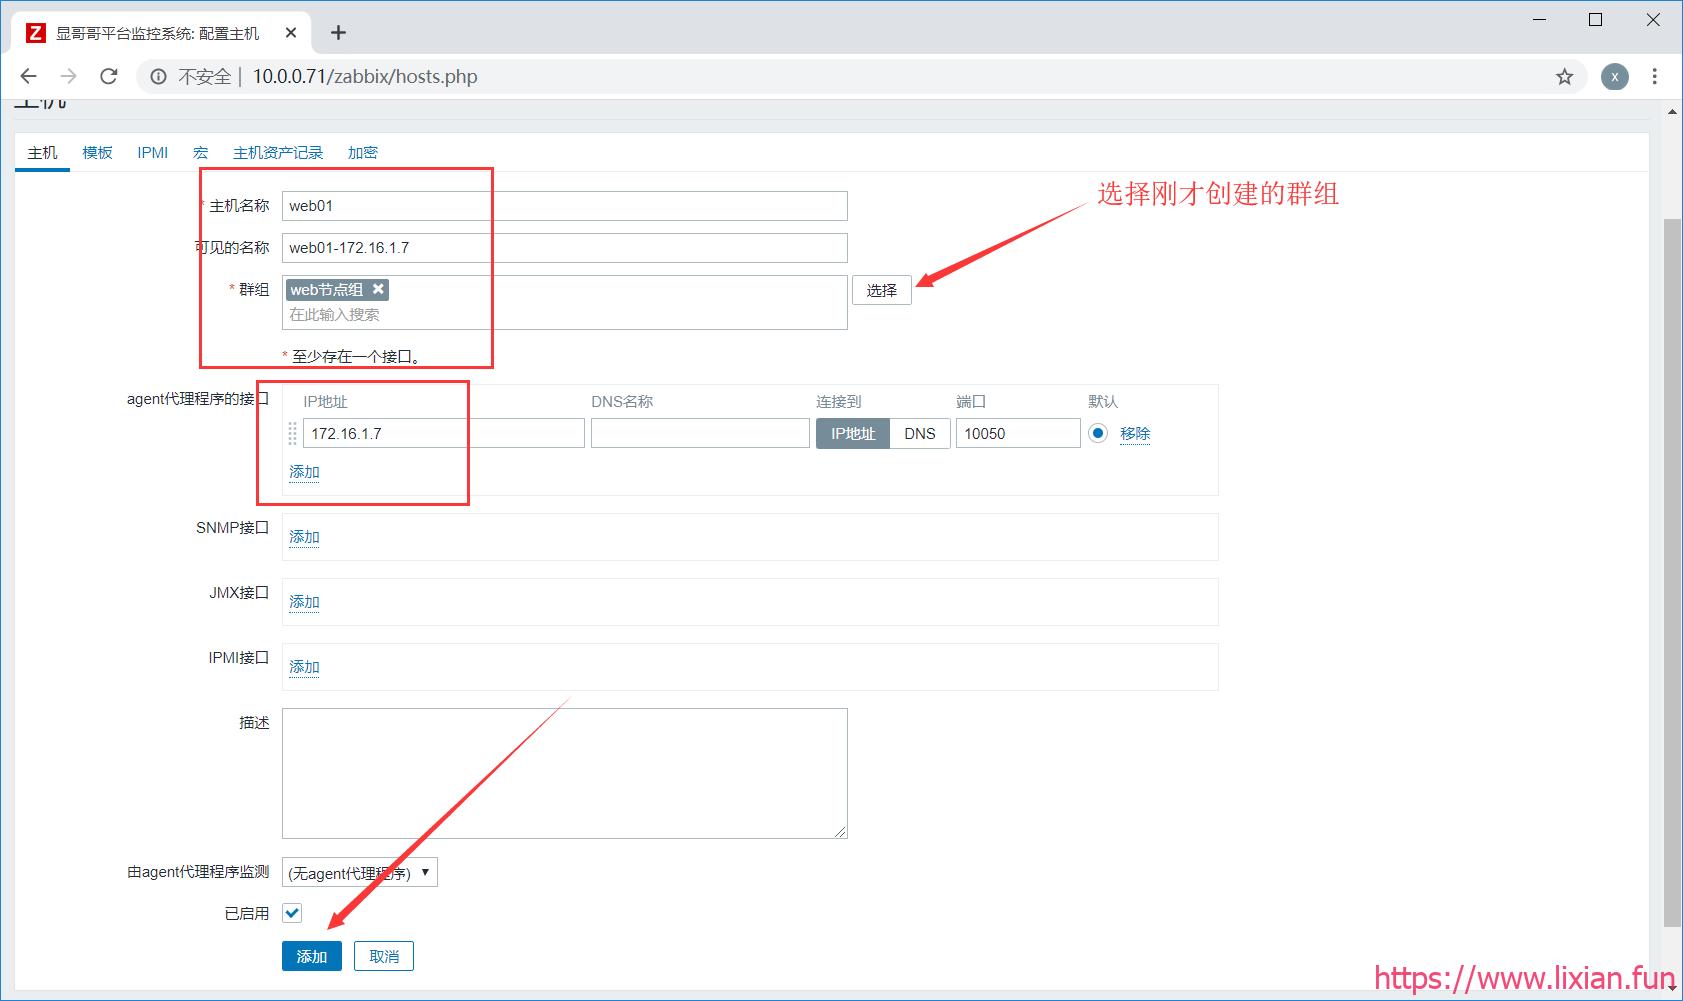 企业级zabbix监控实战——安装部署zabbix客户端【显哥出品,必为精品】